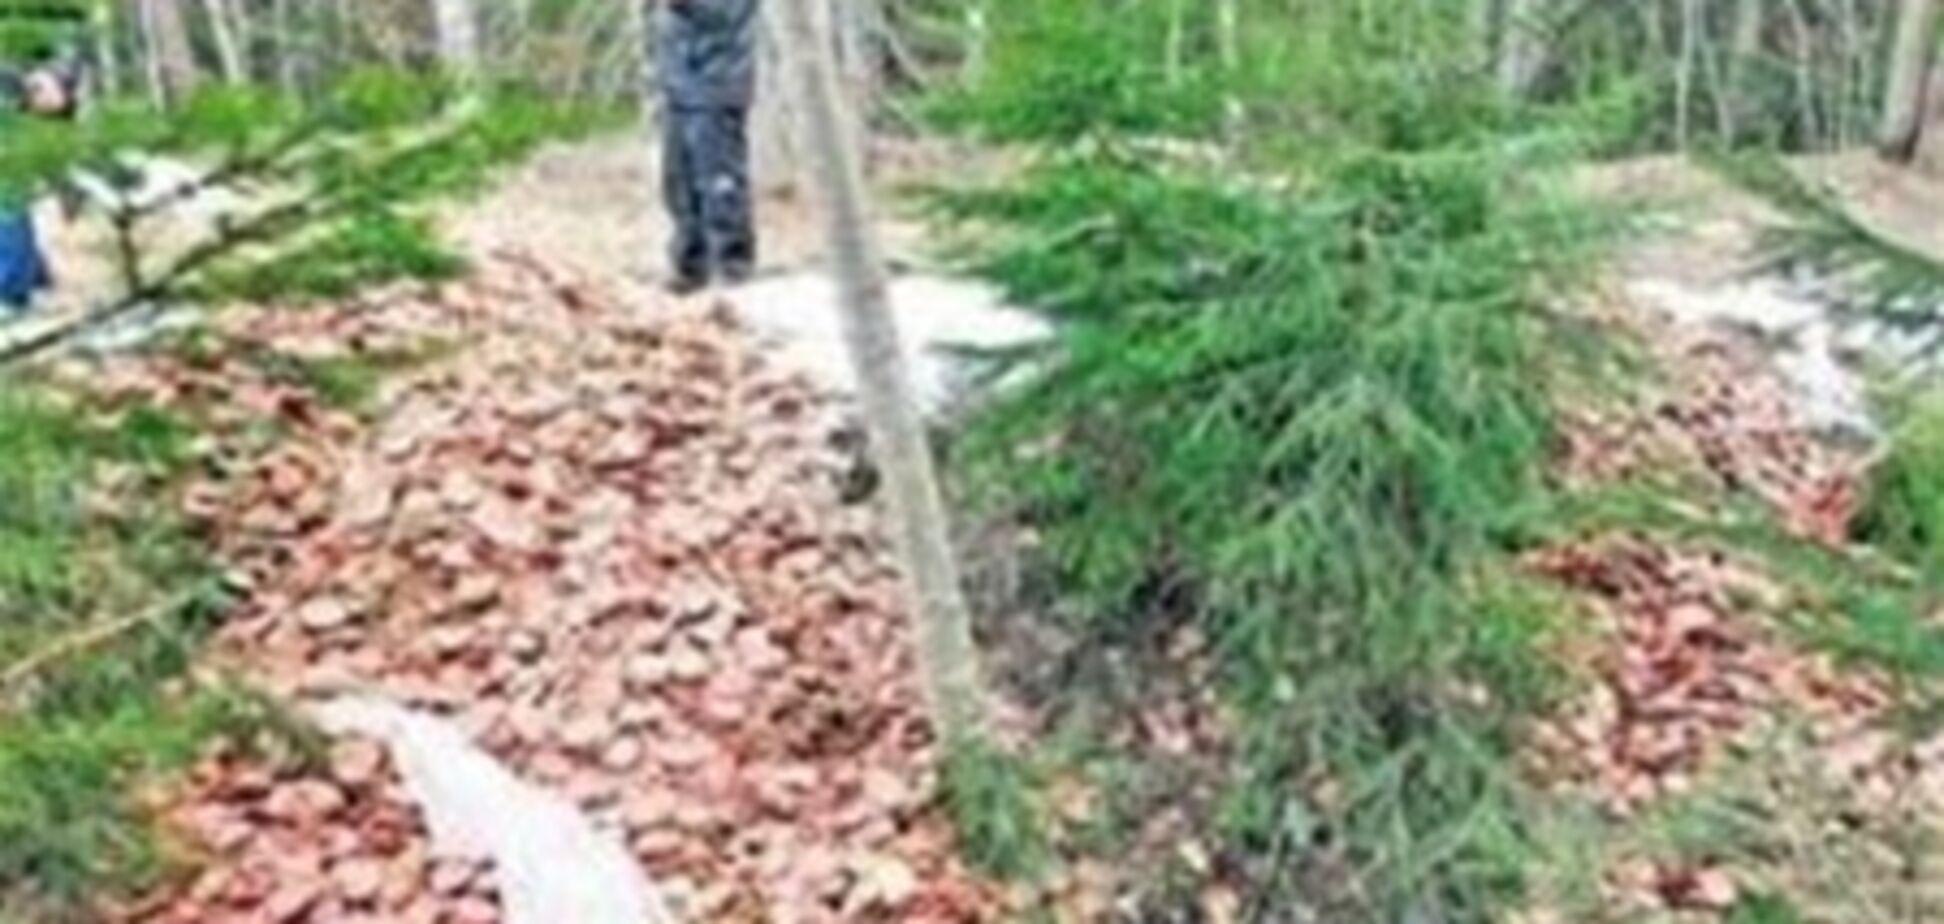 В естонському лісі знайшли тонну нарізаної ковбаси